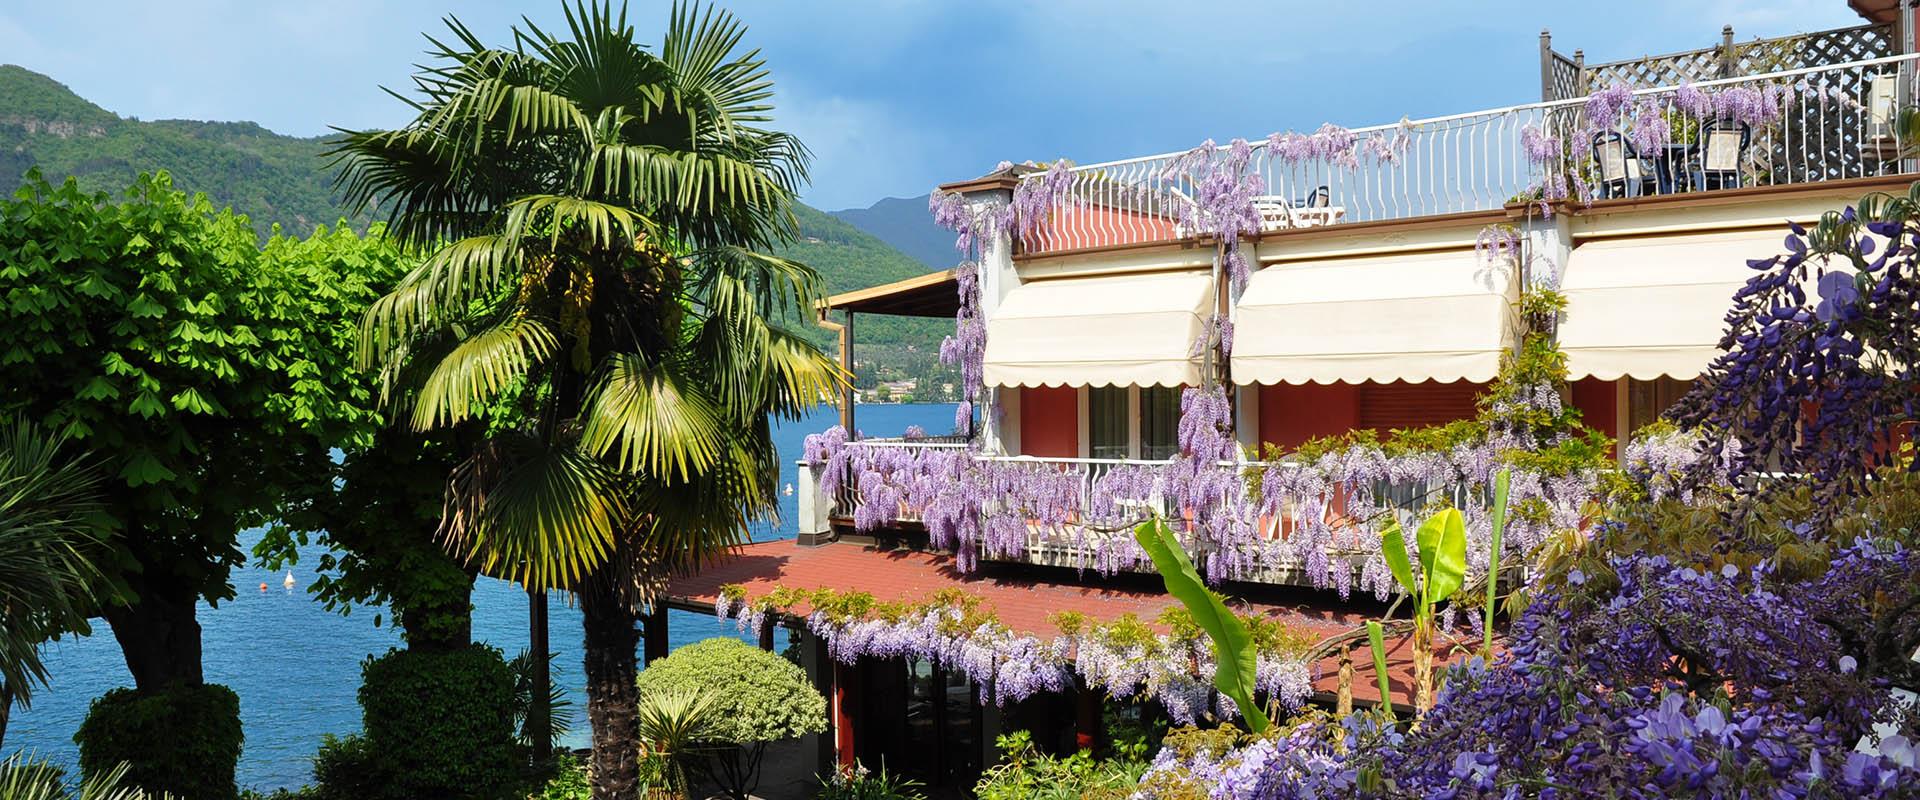 Hotel a gestione famigliare sul Lago di Garda, Hotel San Felice del Benaco, Hotel Nautica, Golf Hotel, Vacanze Lago di Garda, Ormeggio Imbarcazioni, Spiaggia Privata, Bike Hotel, Hotel diretto a lago, Hotel Lago di Garda, Famiglia Zorzi